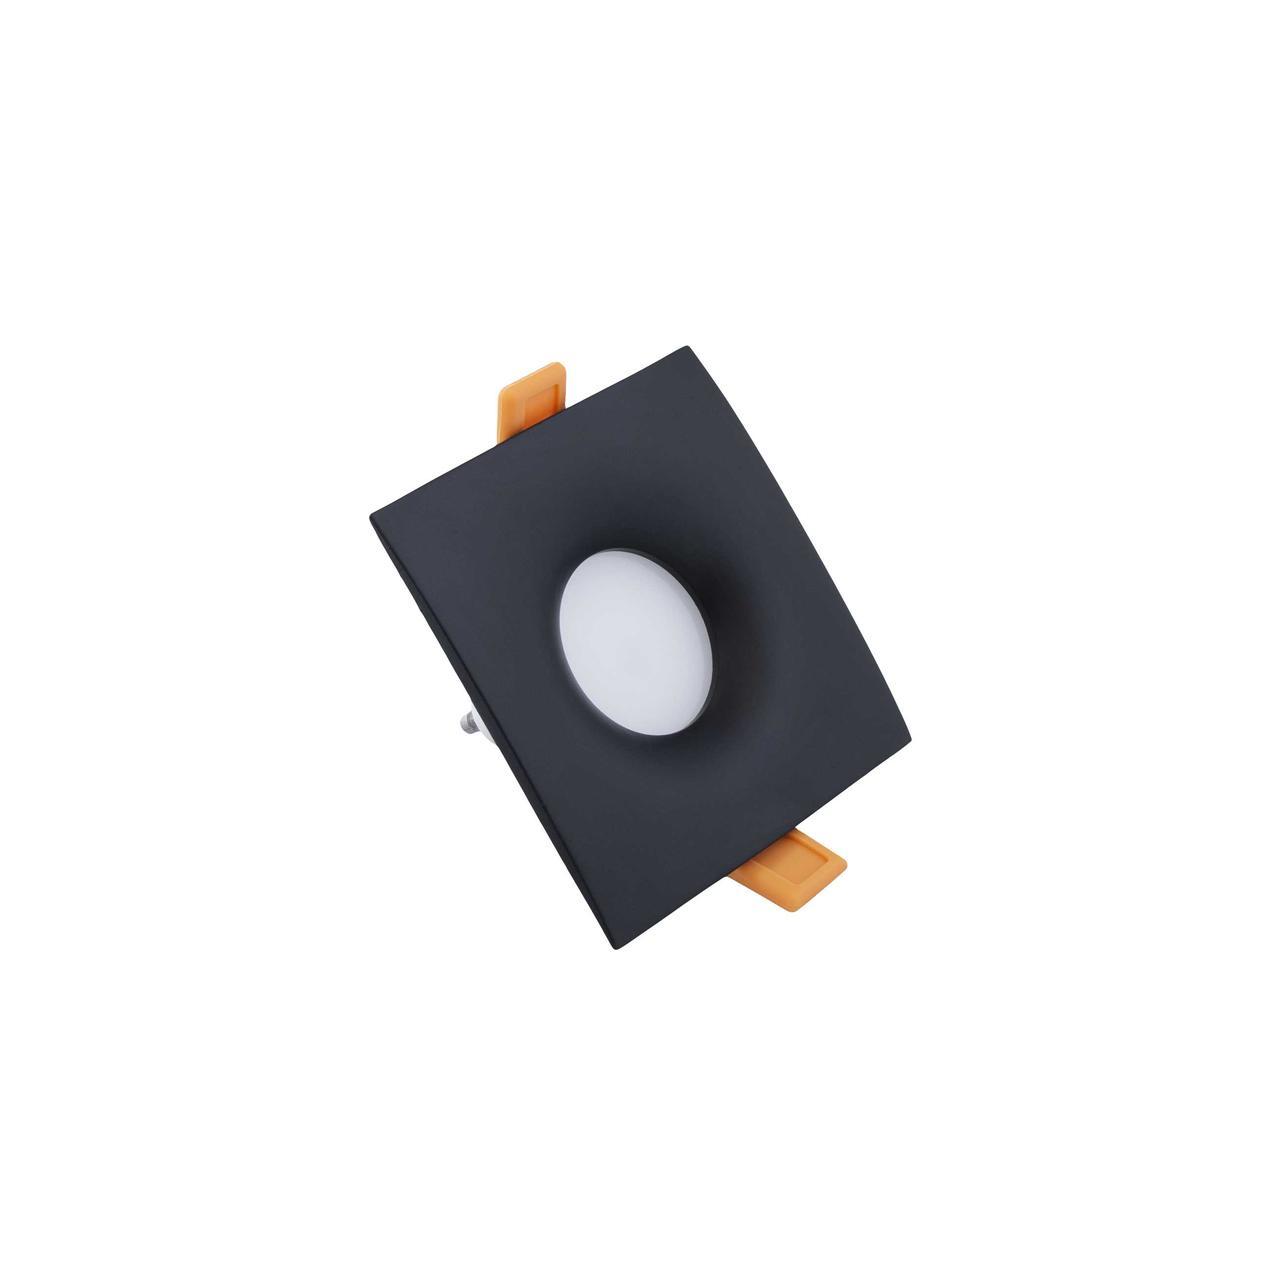 Led спот врезной квадрат черный TH3912 BK